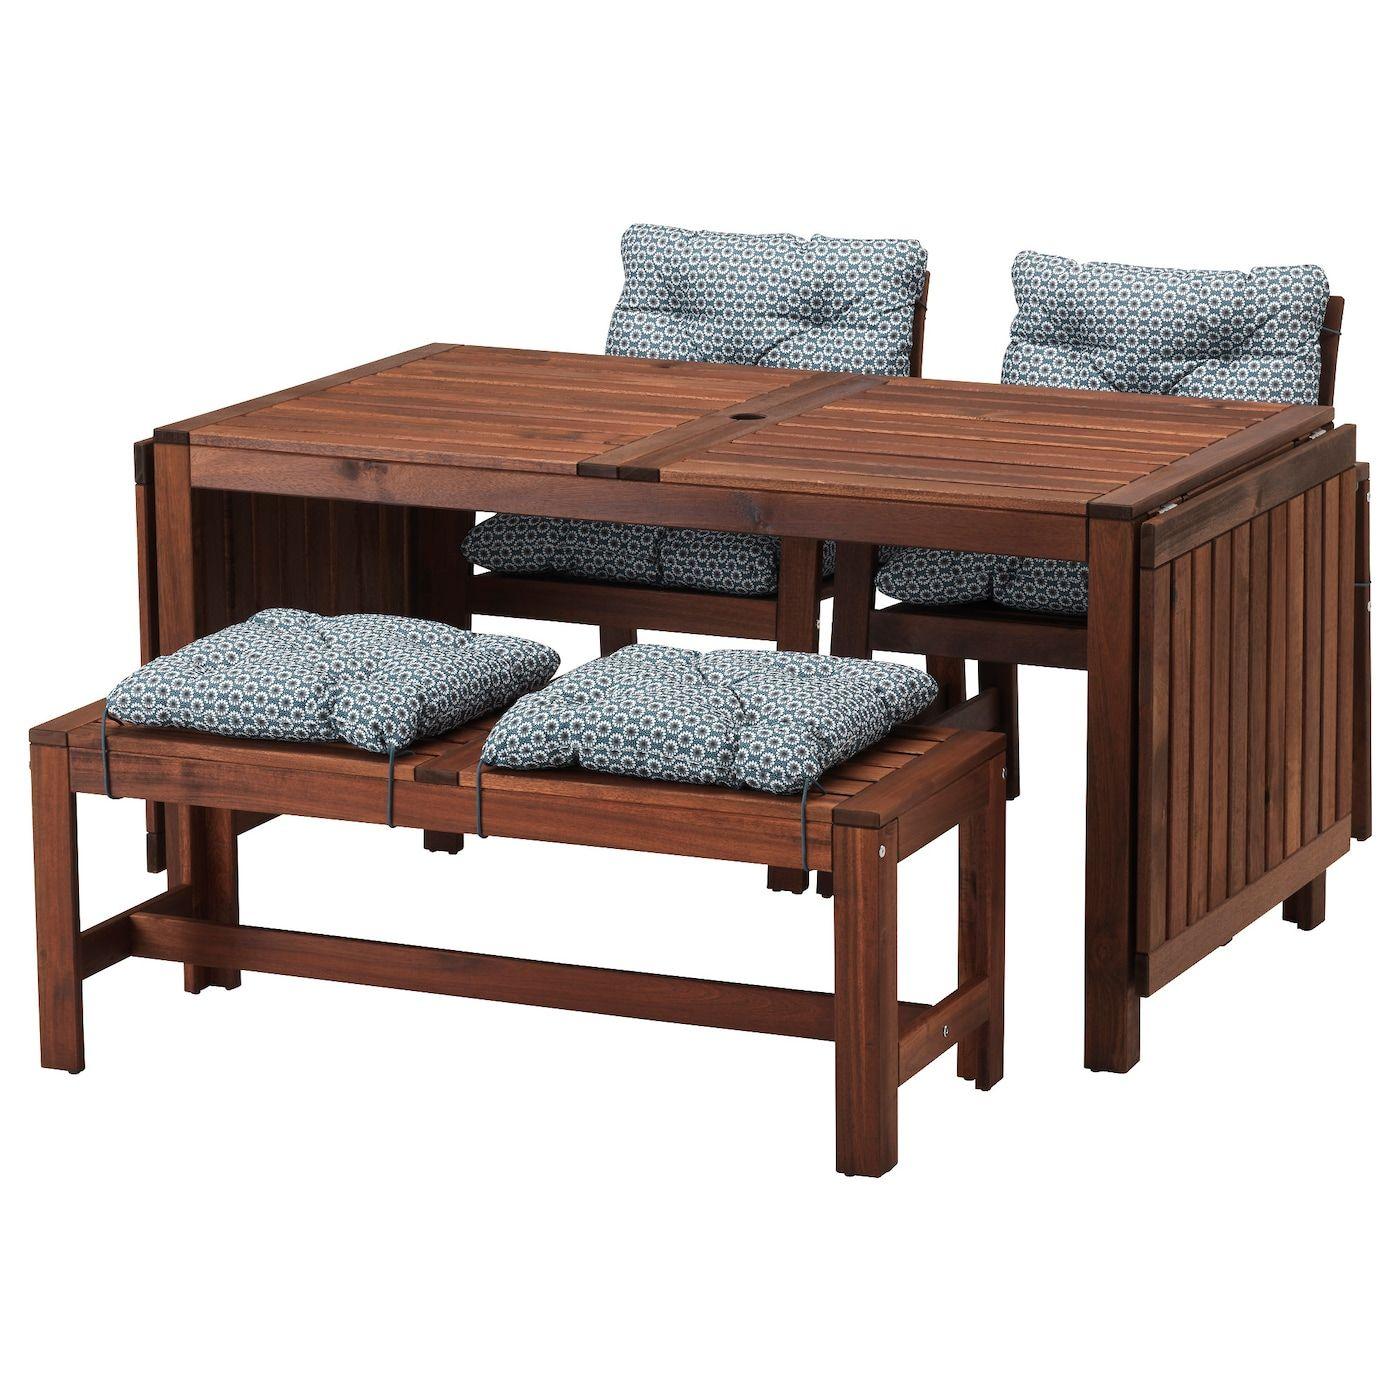 Ikea Applaro Tisch 2 Armlehnstuhle Bank Aussen Braun Las Ytteron Blau Offnung Fur Sonnenschirm Outdoor Dining Furniture At Home Furniture Store Furniture [ 1400 x 1400 Pixel ]